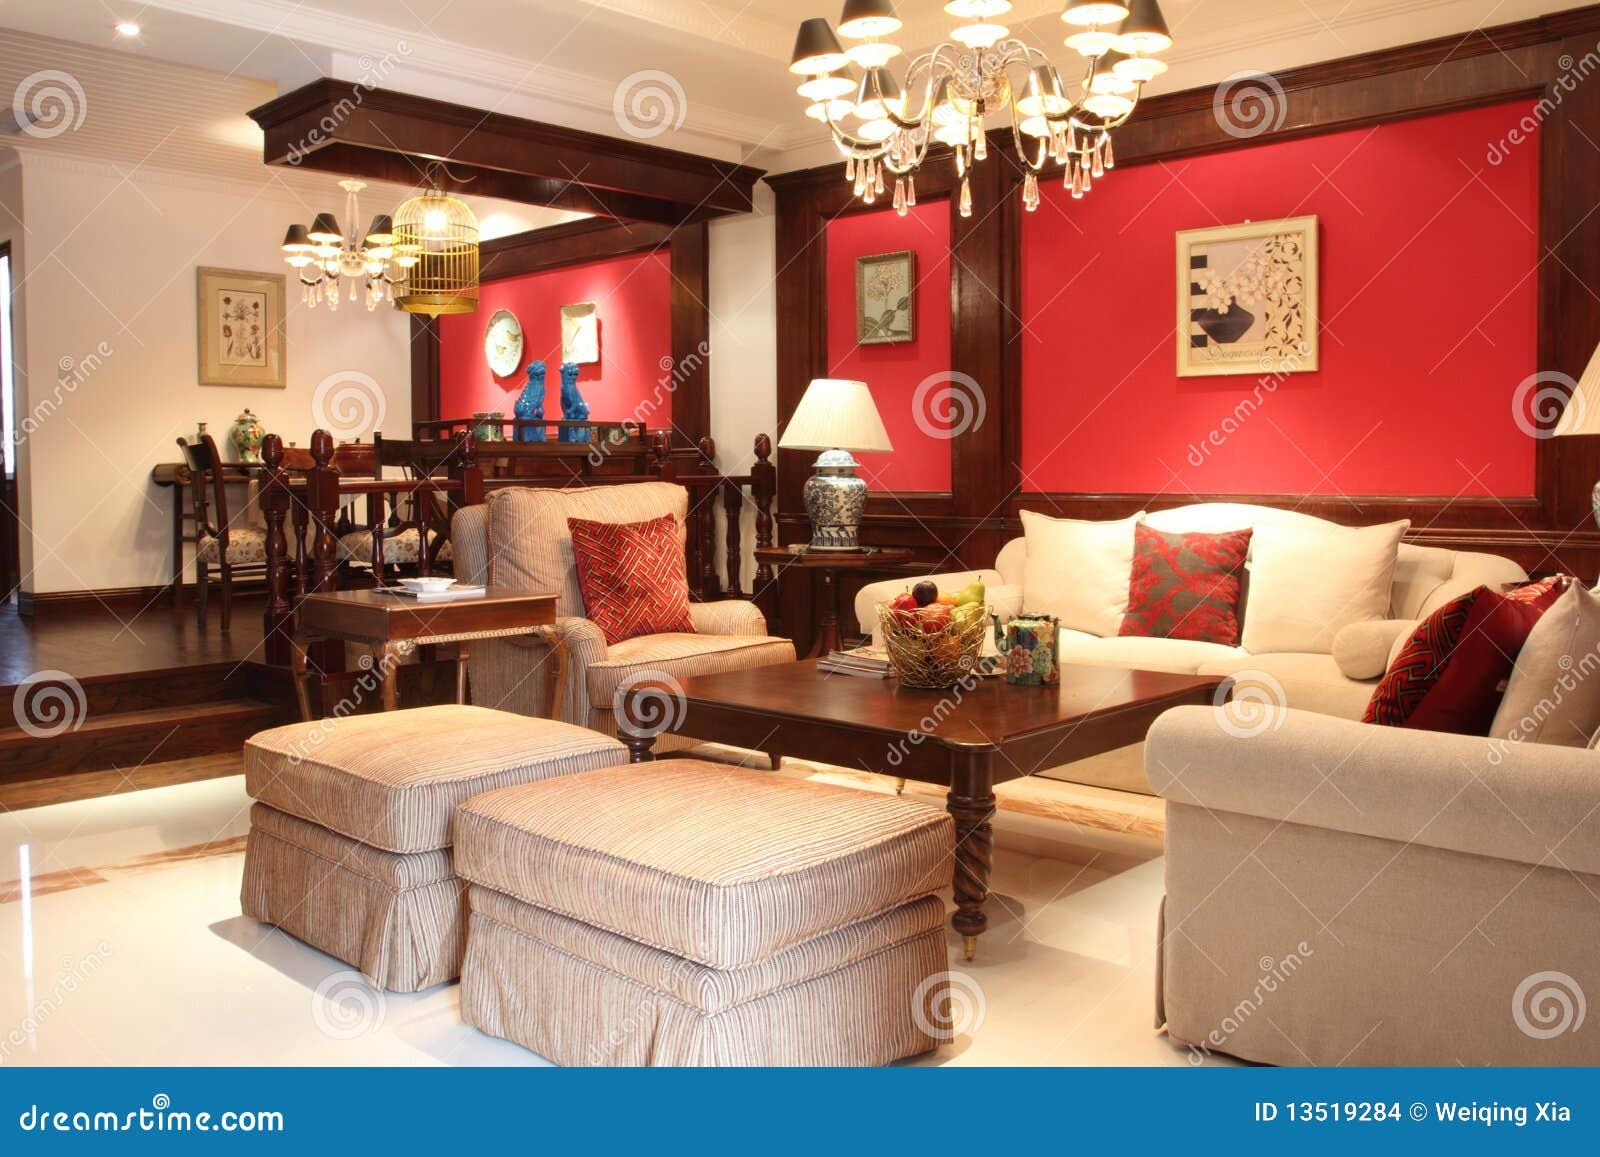 Int rieur la maison images stock image 13519284 for Interieur de la maison